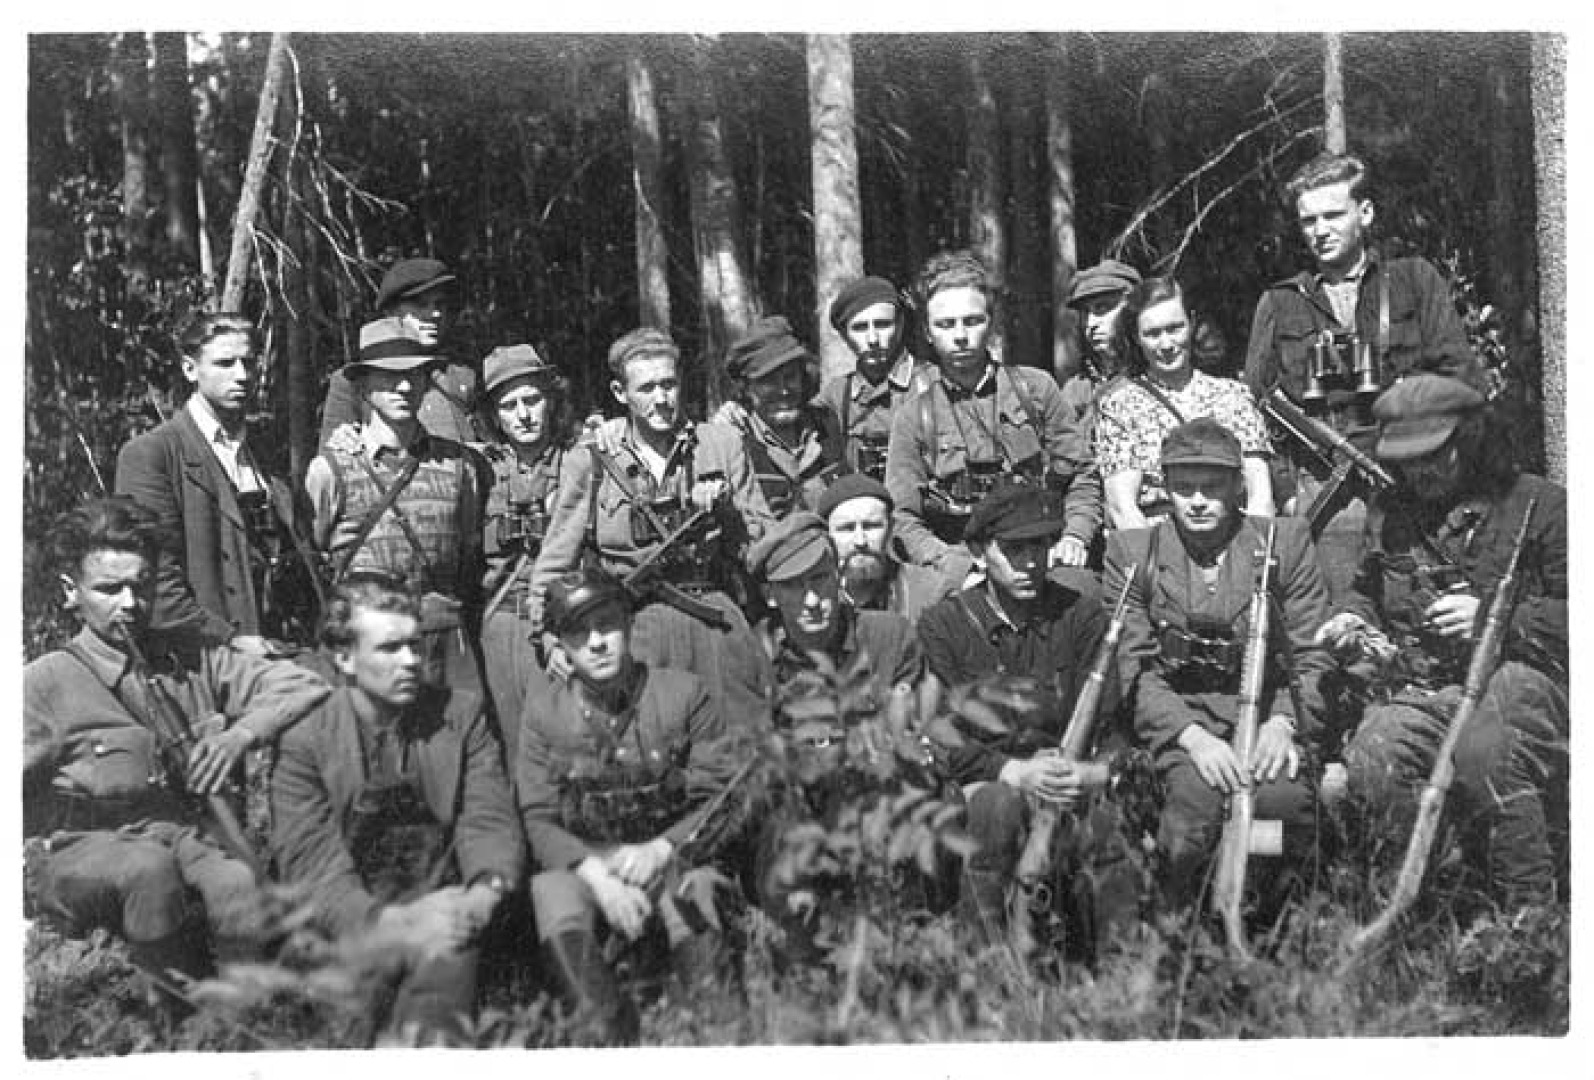 Sėdi iš kairės: 1. Adolfas Bičiūnas, 2. Norbertas Tauteris-Norba, Slibinas, Mintautas, 3. Linas Kabakevičius, 4. Gedimino tėvūnijos vadas B. Žilys-Saulius, 5. Linas Pivoravičius-Kanapė, 6. Žaliosios rinktinės štabo Visuomeninės dalies viršininkas Julius Navakas-Tilvikas, 7. Tautmylis Vaitiekūnas-Zubrys, 8. Kostas Kregždė-Piršlys. Stovi iš kairės: 1. Edvardas Žilinskas-Vanagas, 2. Bronius Krivickas-Vilnius, Gintaras, 3. Jonas Krivickas-Krivis, 4. Juozas Tučas-Linksmutis, 5. Steponas Giedrikas-Girietis, 6. Robertas Tučas-Barzdyla, 7. Danas Ruželė, 8. Vladas Būtėnas, 9. Bronius Meškėnas, 10. Emilija Lujanienė, 11. Alfonsas Valentėlis-Bankininkas Vailokaitis. Biržų giria. 1951 m. rugpjūčio mėn. | Archyvinė nuotr.